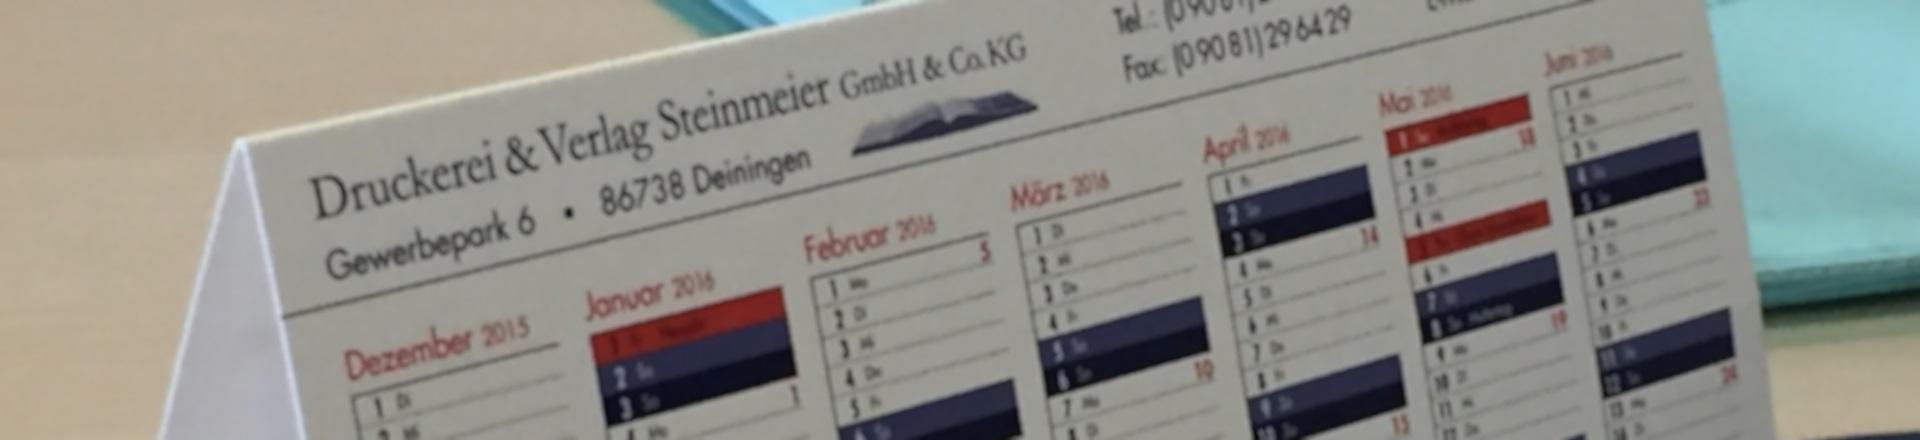 kalender-slide